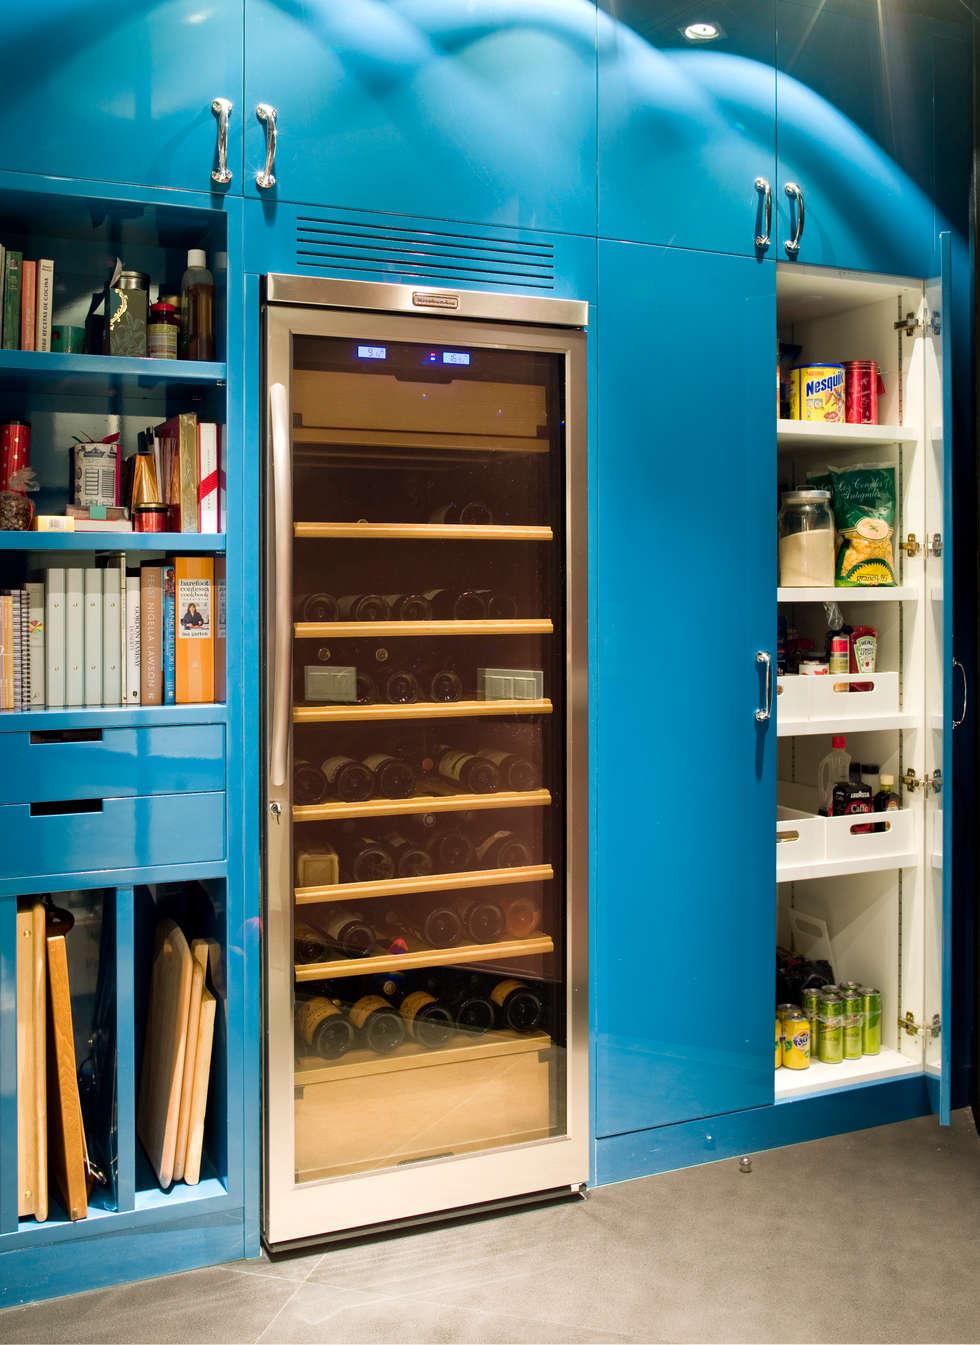 15 ideas geniales para organizar bien una cocina pequeña